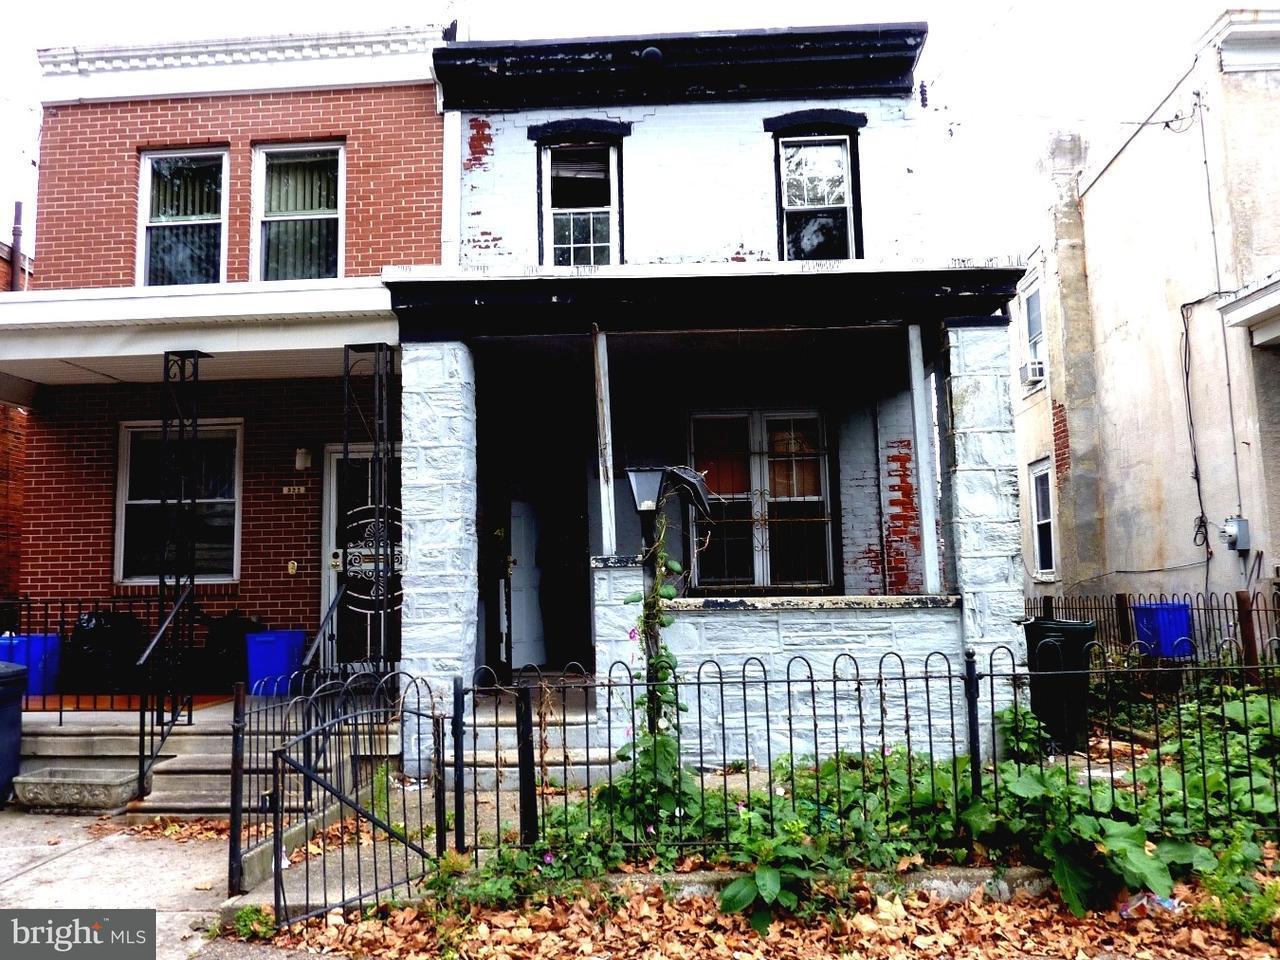 324 N Edgewood Philadelphia, PA 19139